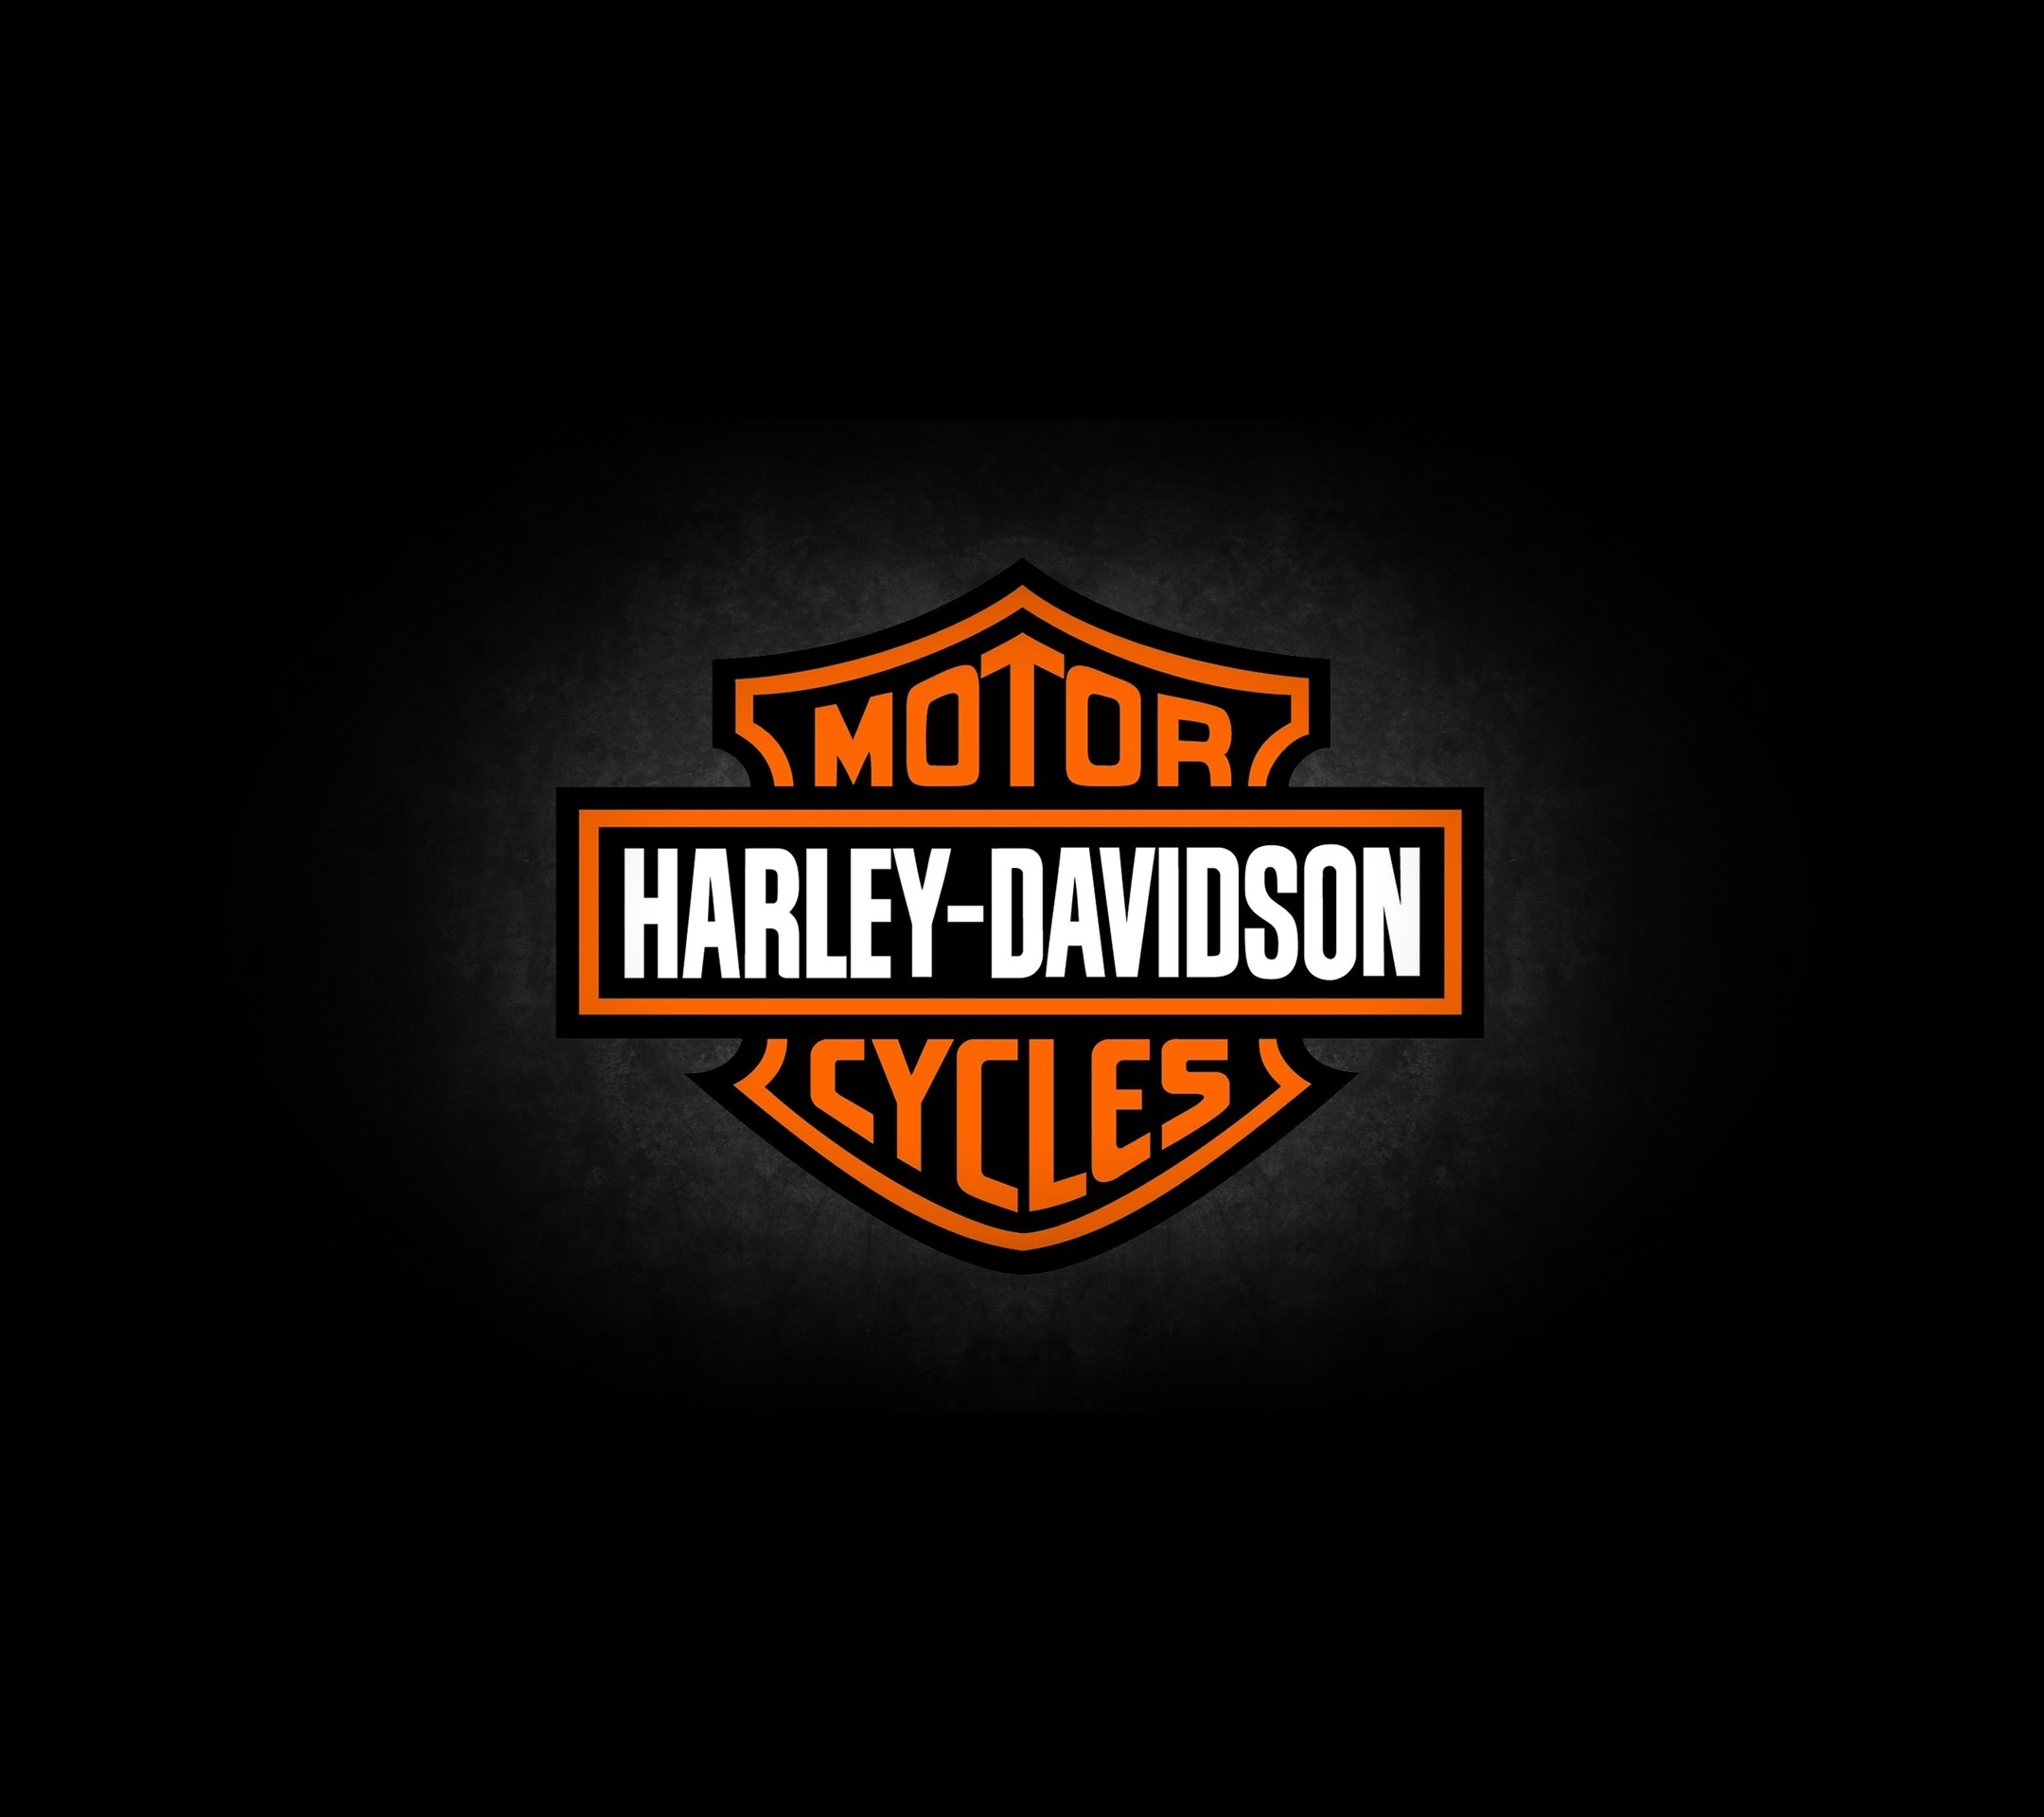 Harley Davidson Wallpaper: Harley Davidson Background Pictures (69+ Images